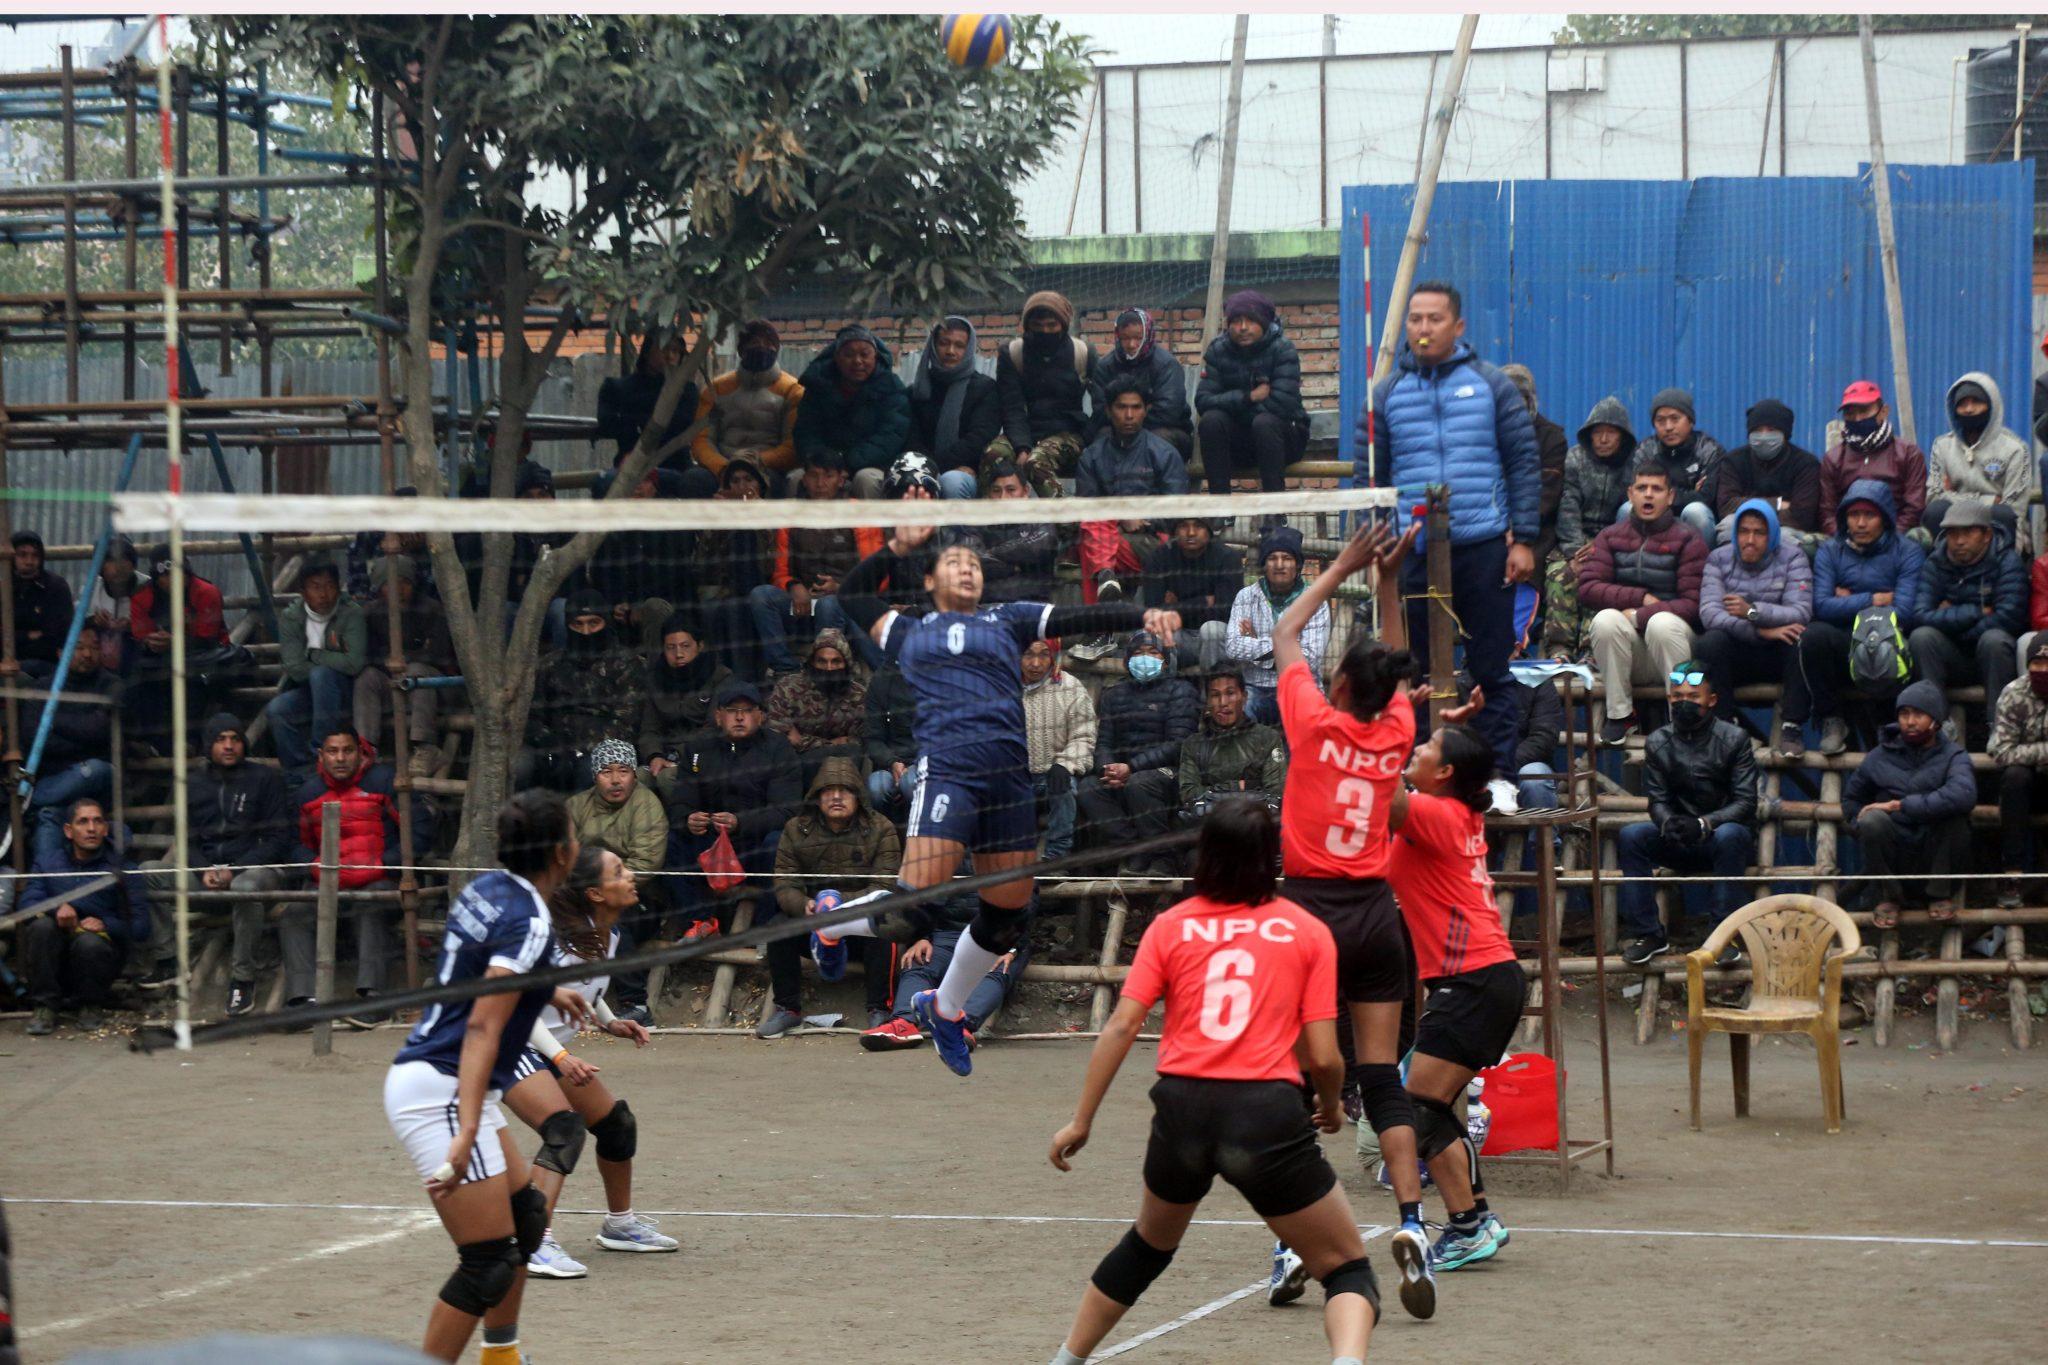 महिला भलिबलमा आज ५ खेल, आर्मी र एपीएफ पनि भिड्दै